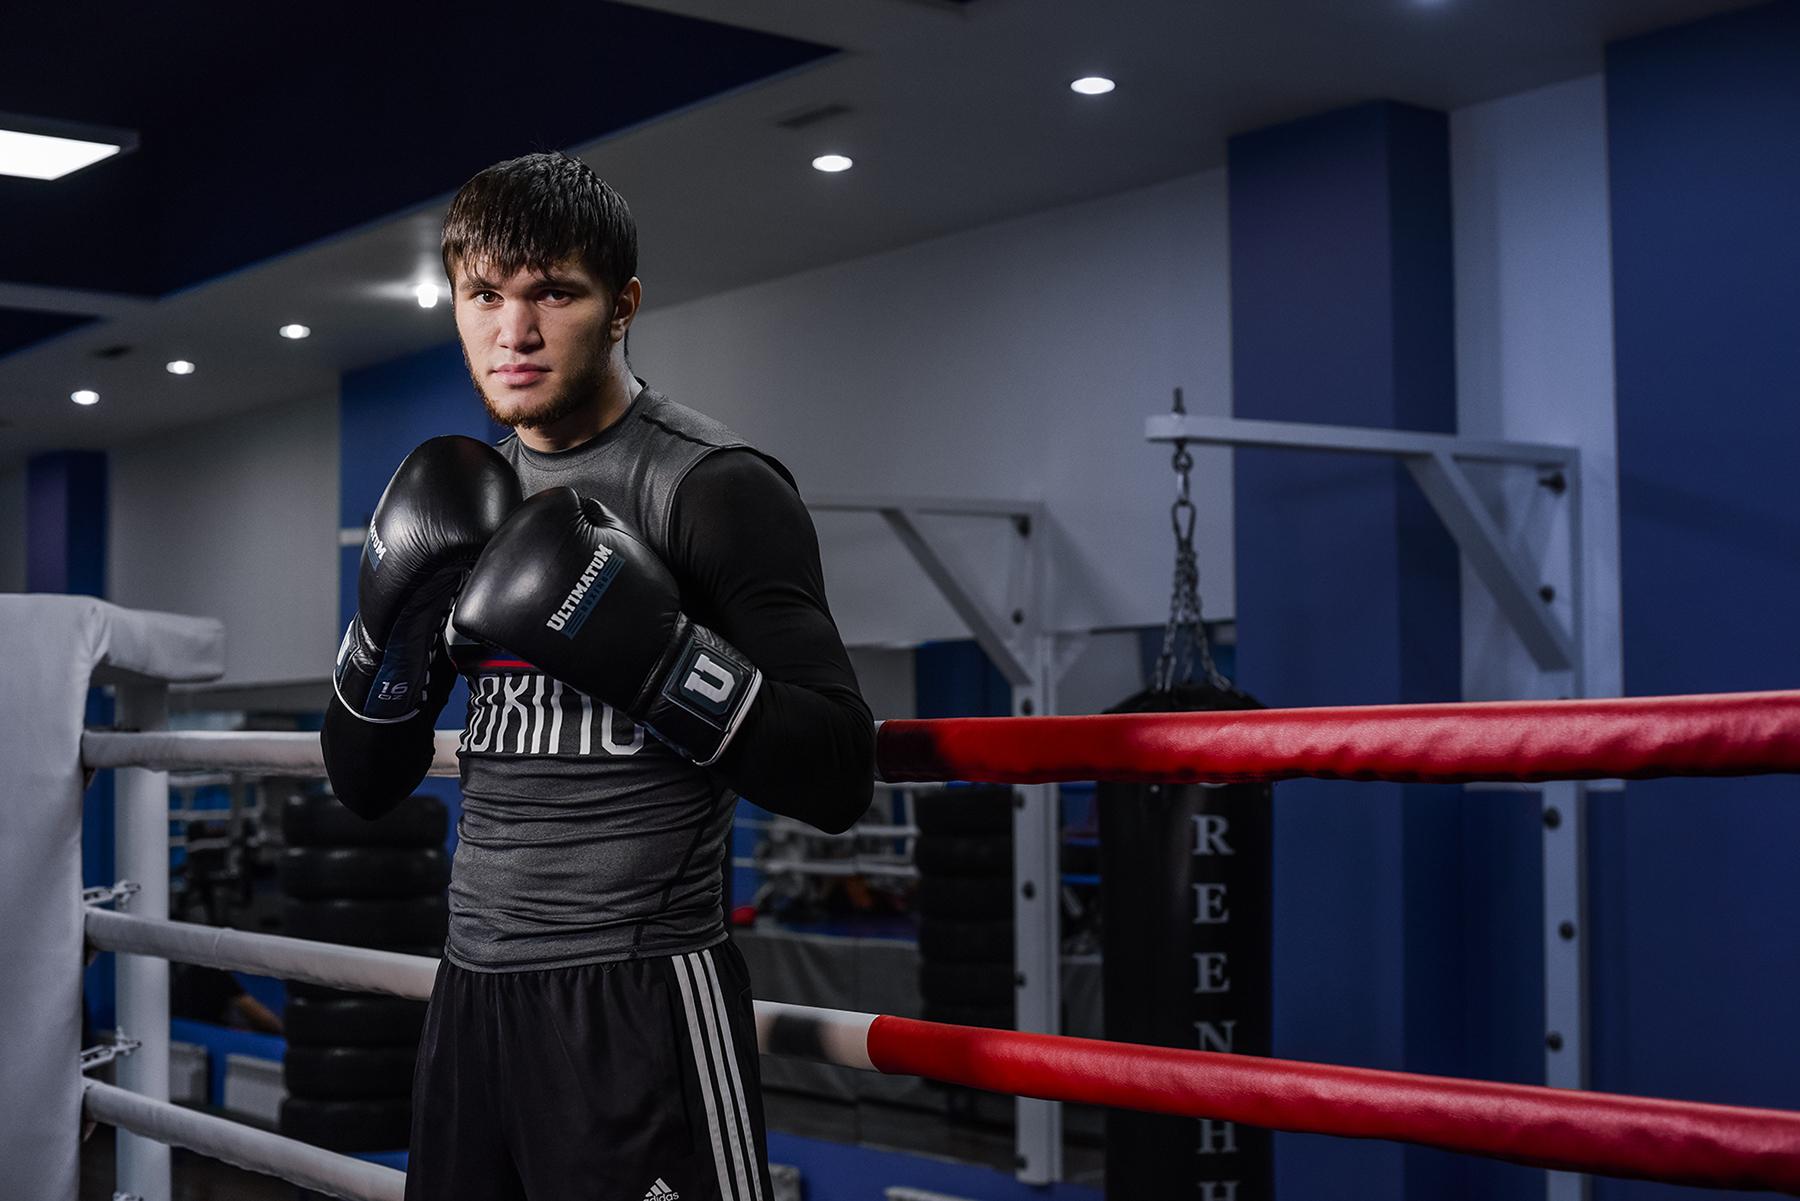 Ахмедов защитил пояс NABF Junior с нокаутом, Бокс, Али Ахмедов, Спорт, GGG Promotions